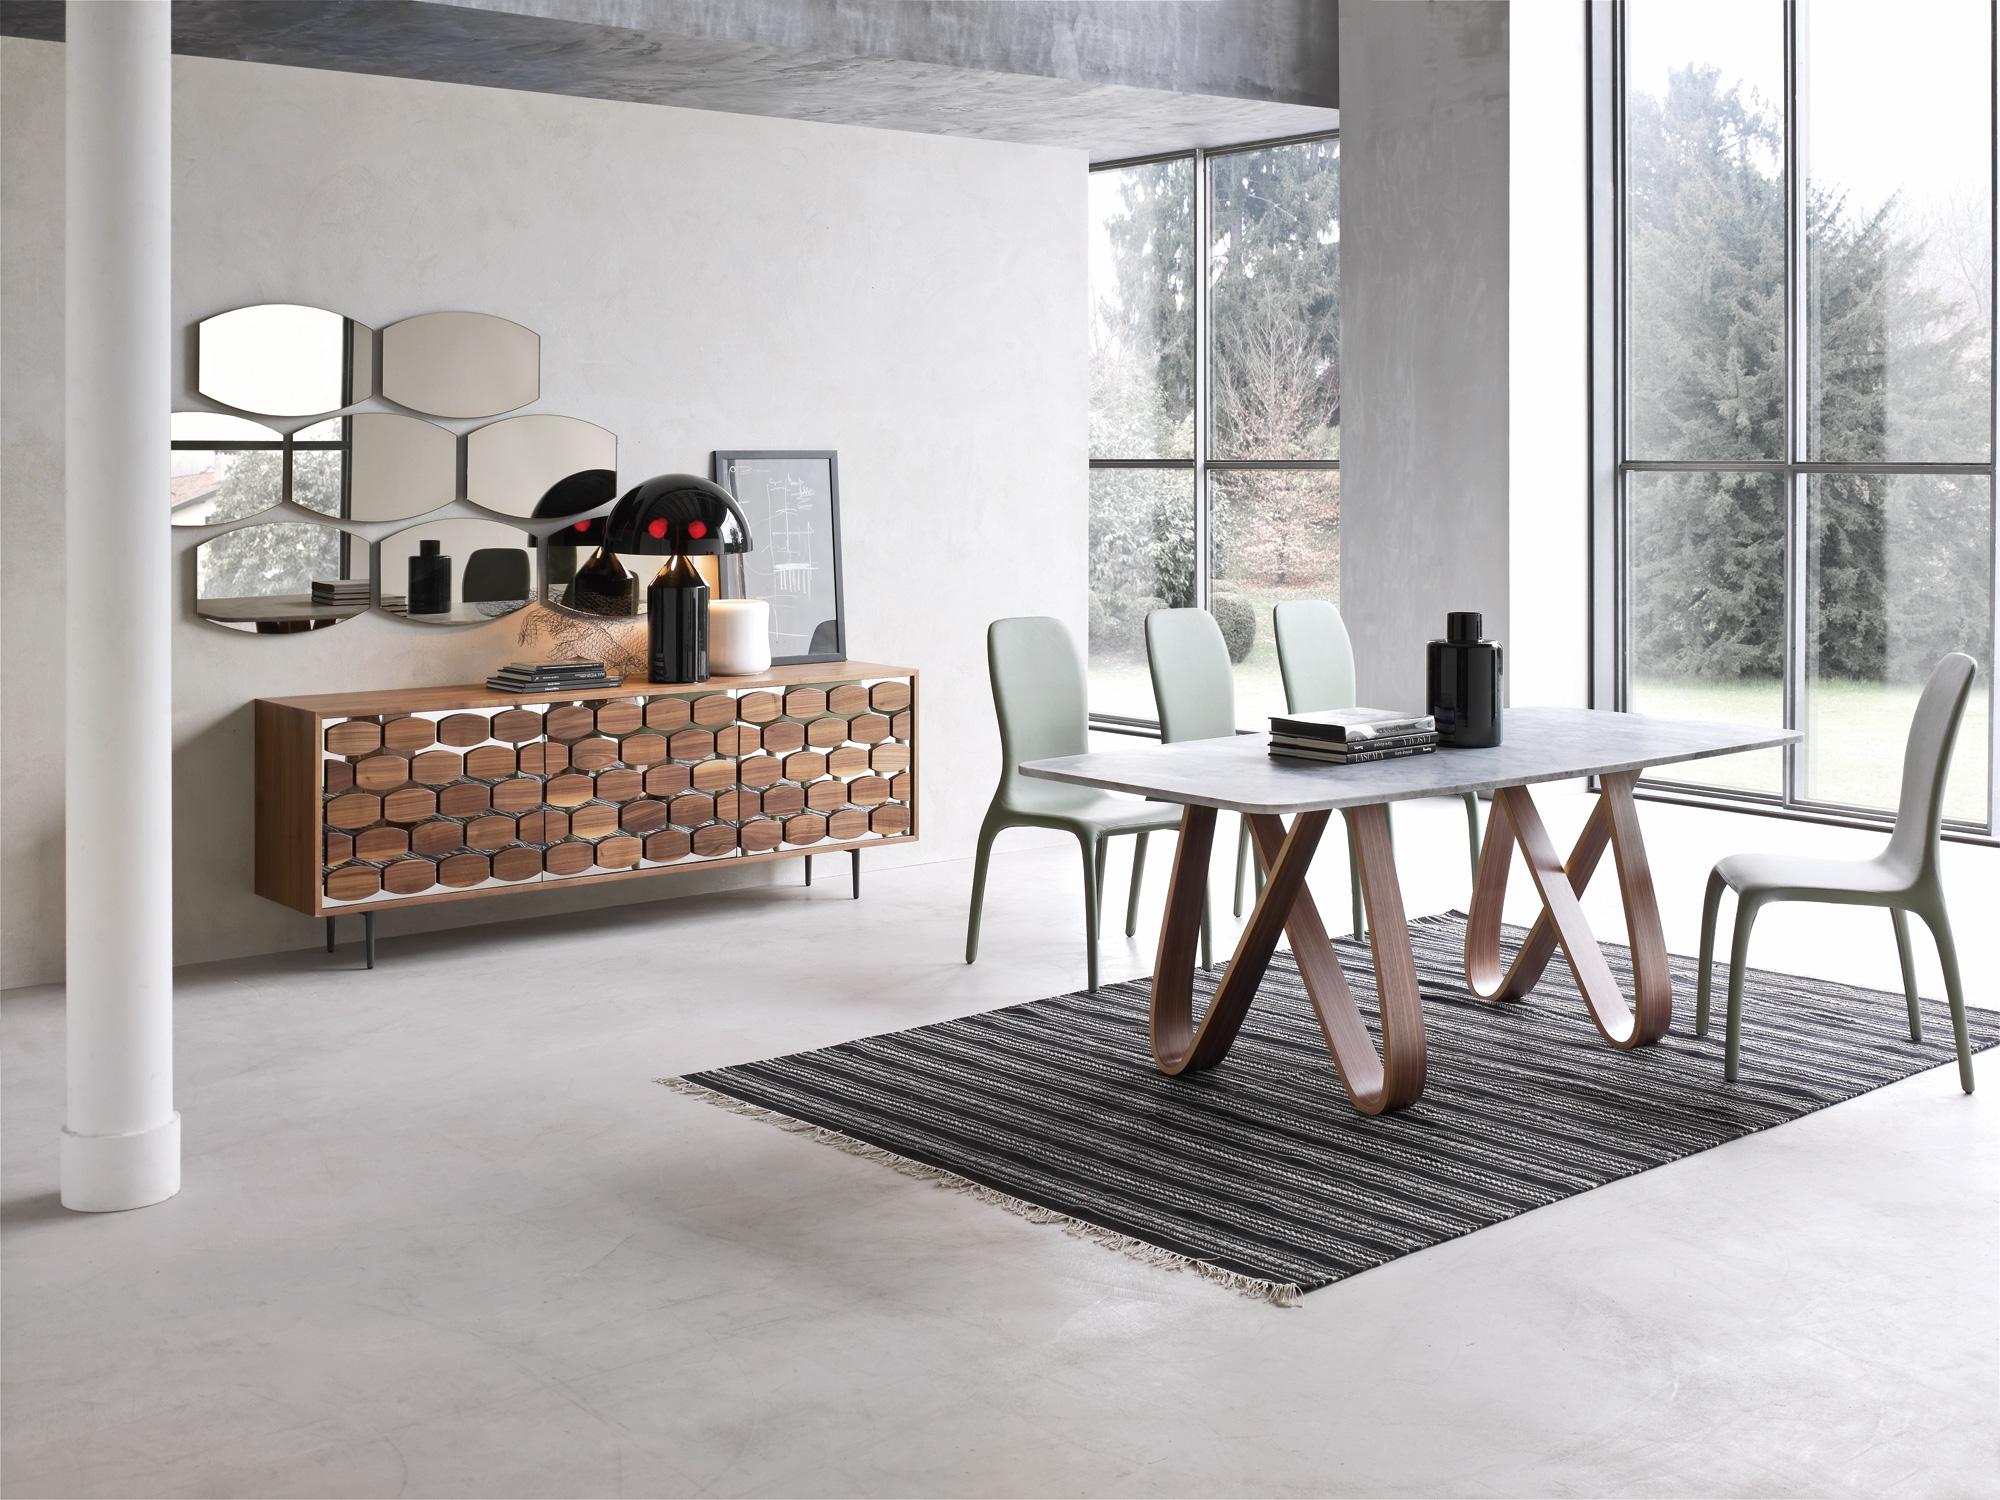 Tonin casa skin 7530 specchiera for Tavolo salone